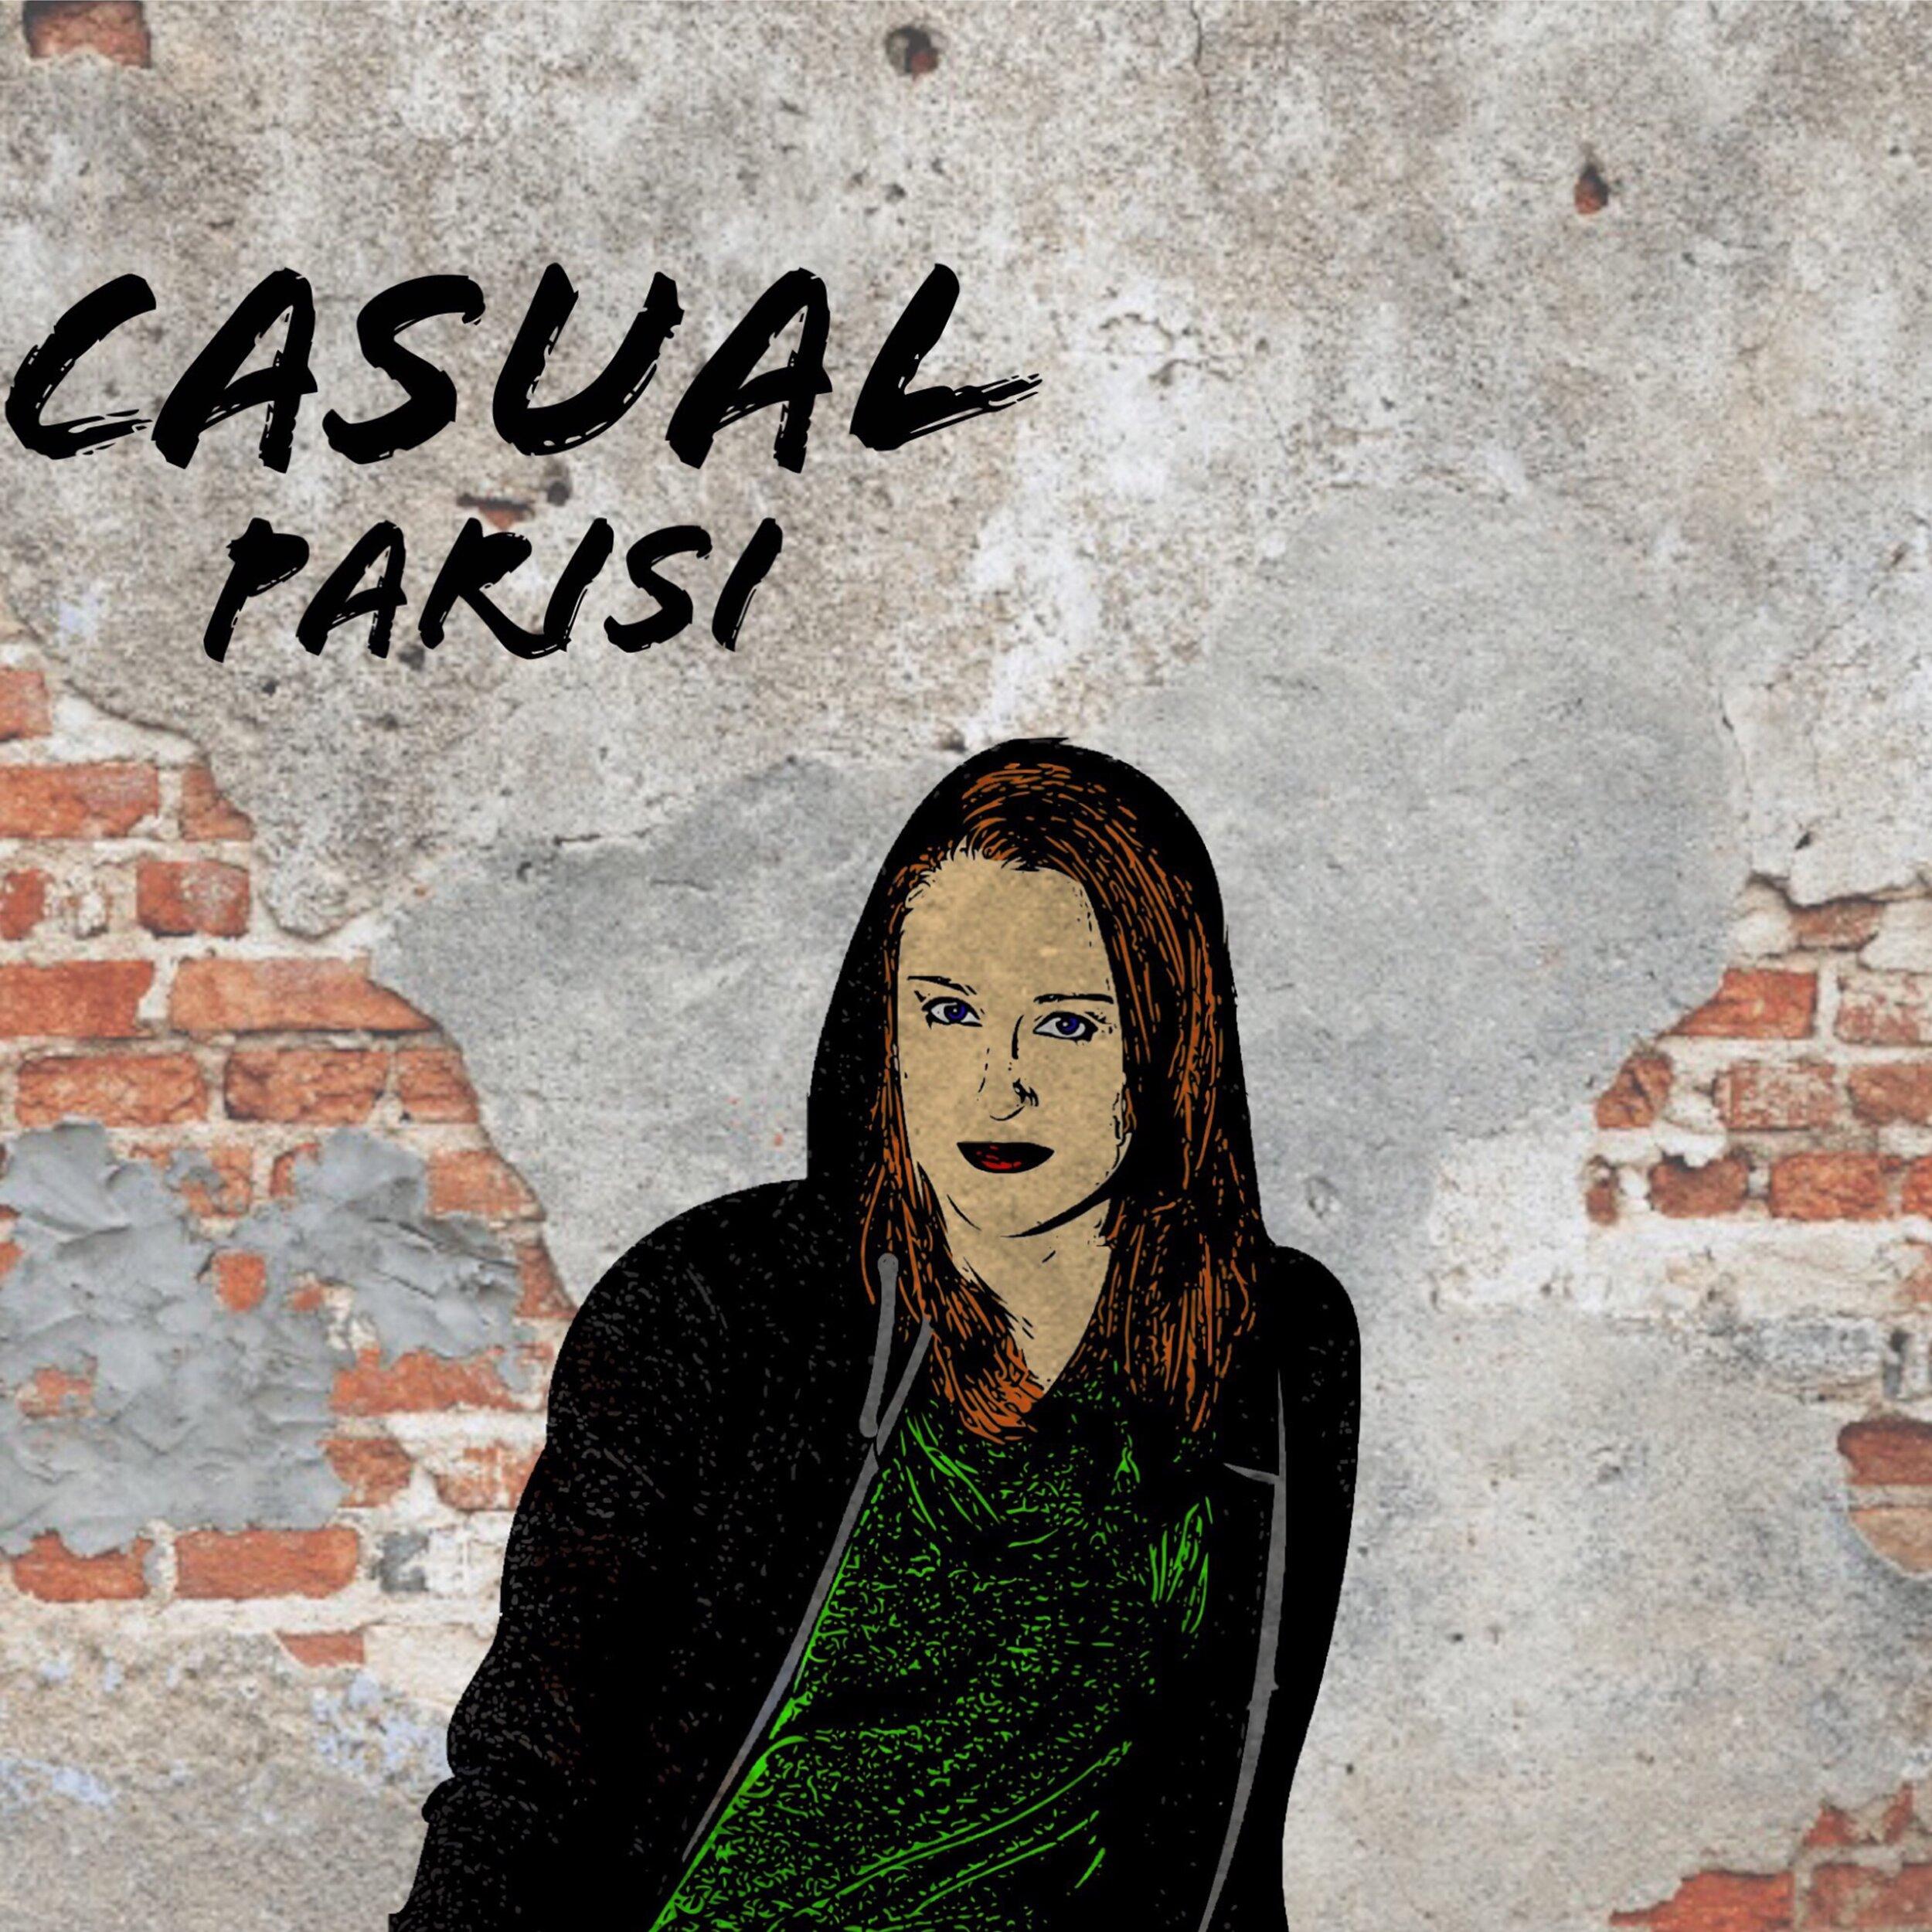 Casual - Parisi